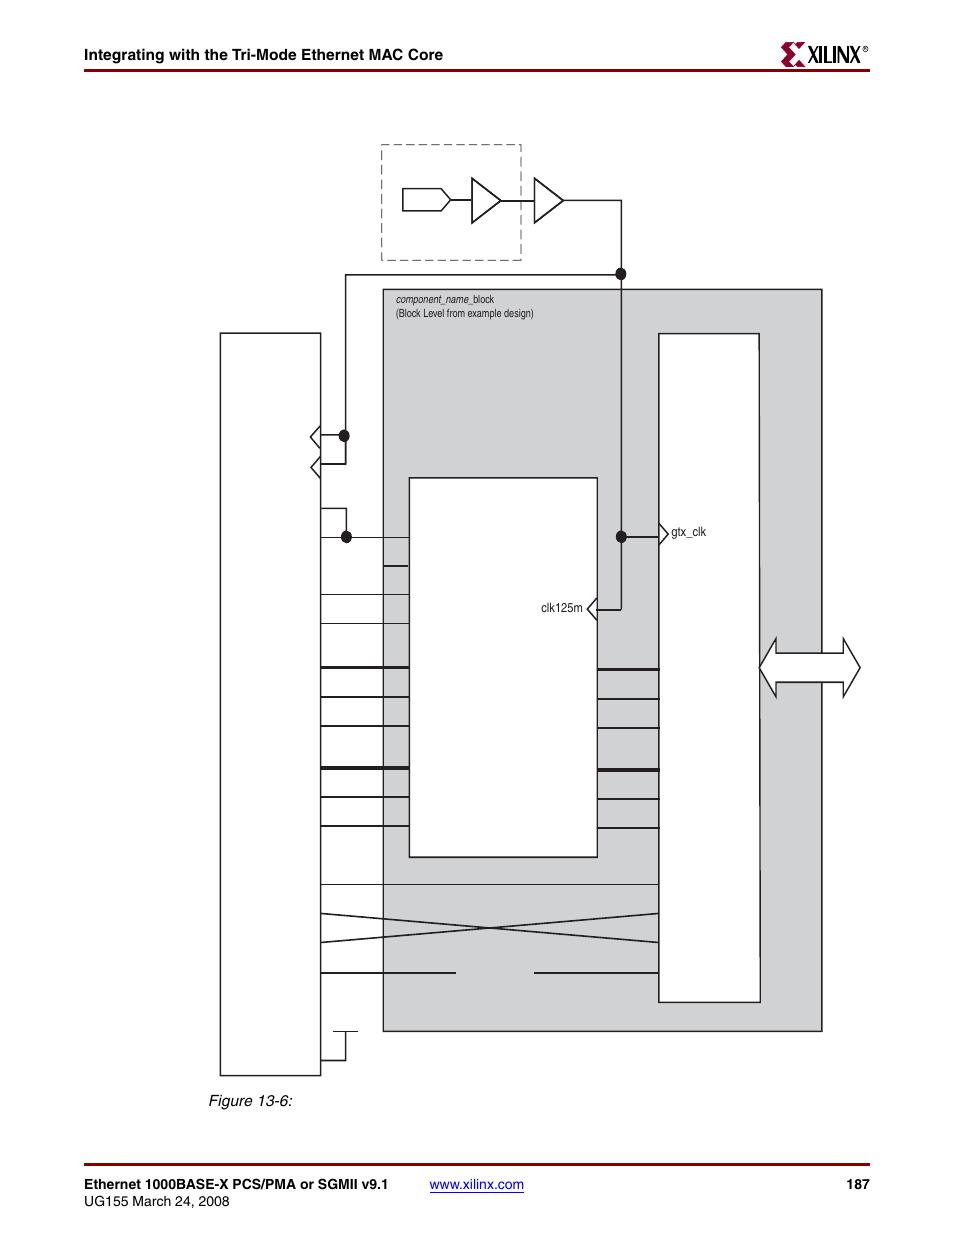 Figure 13-6, Iob logic | Xilinx 1000BASE-X User Manual